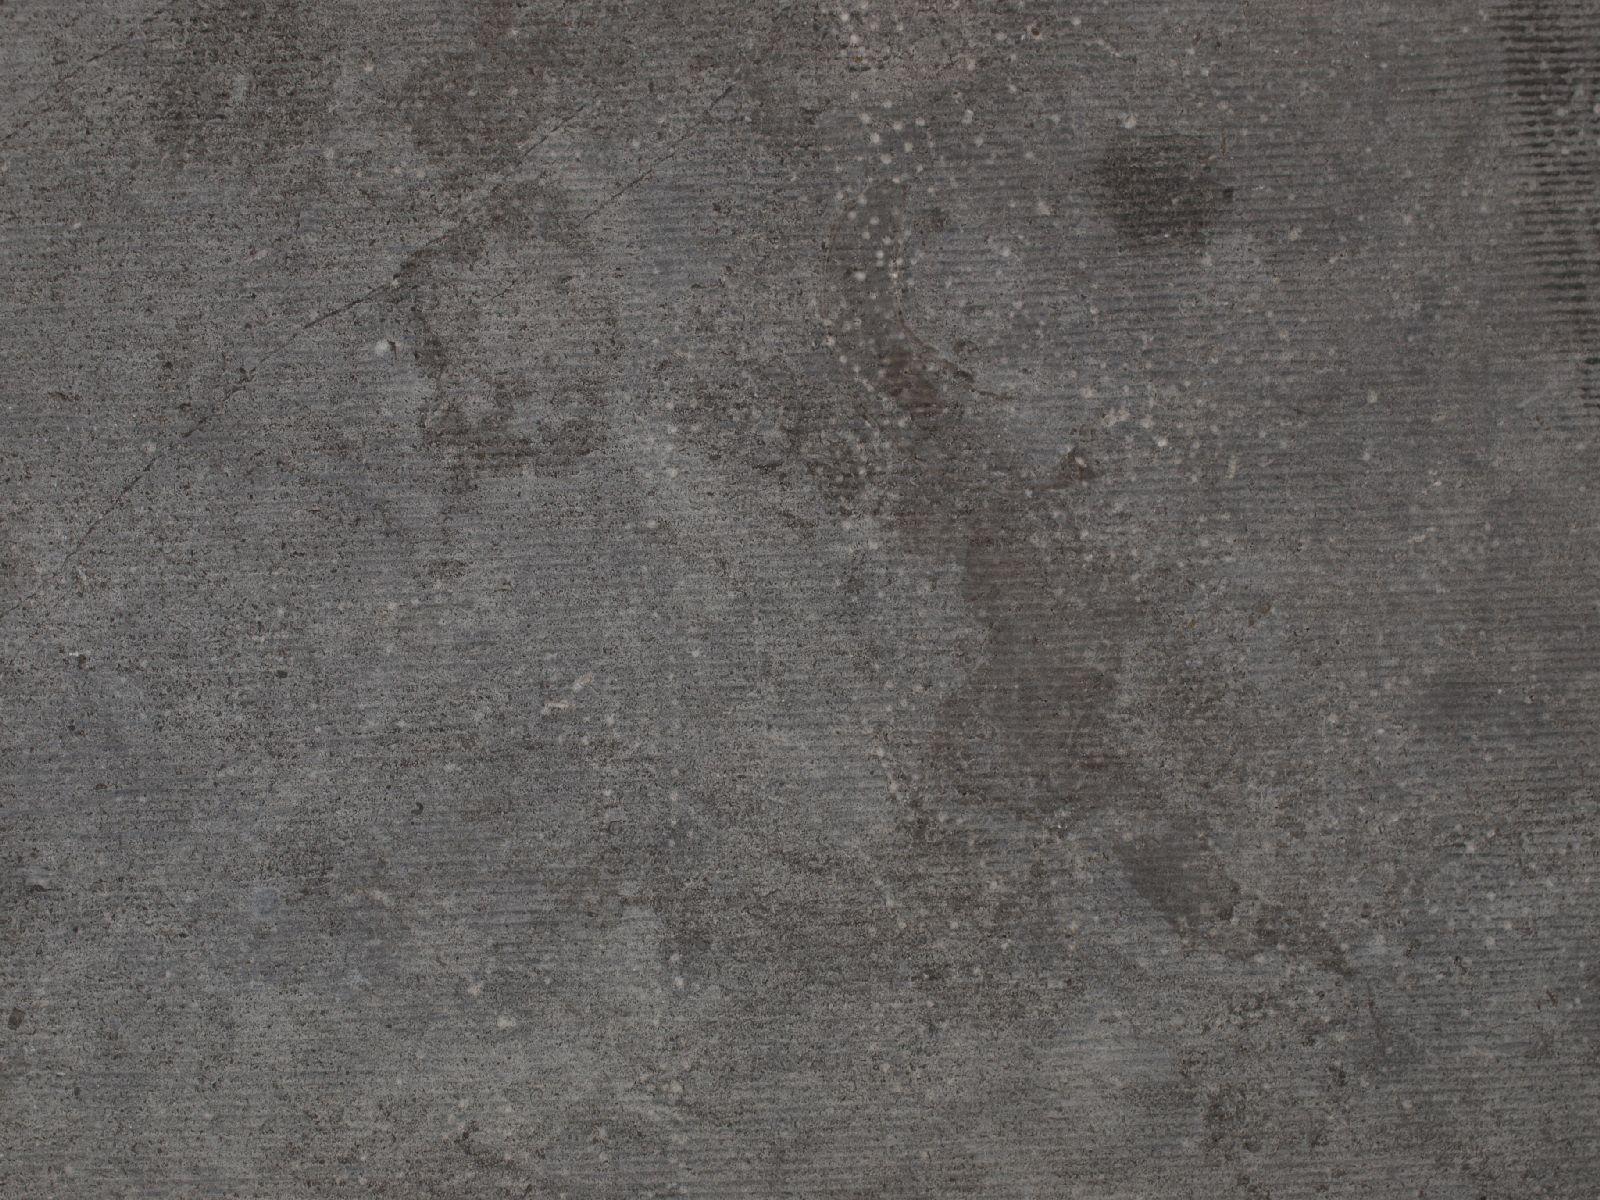 Grunge-Dreck_Textur_A_PA030042